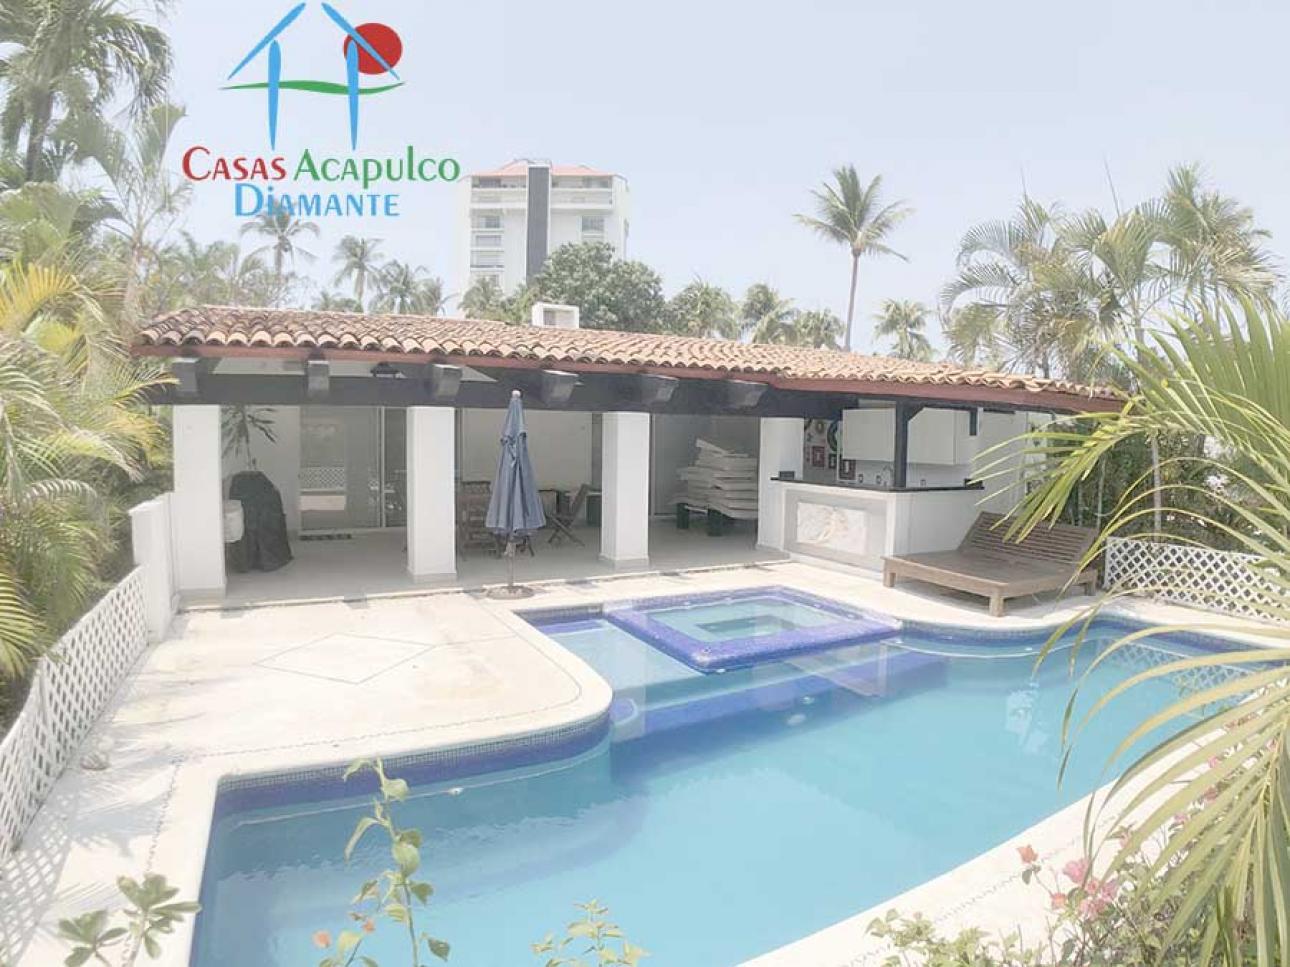 Venta de Casa 4 o mas recamaras en Acapulco Granjas del Marqués